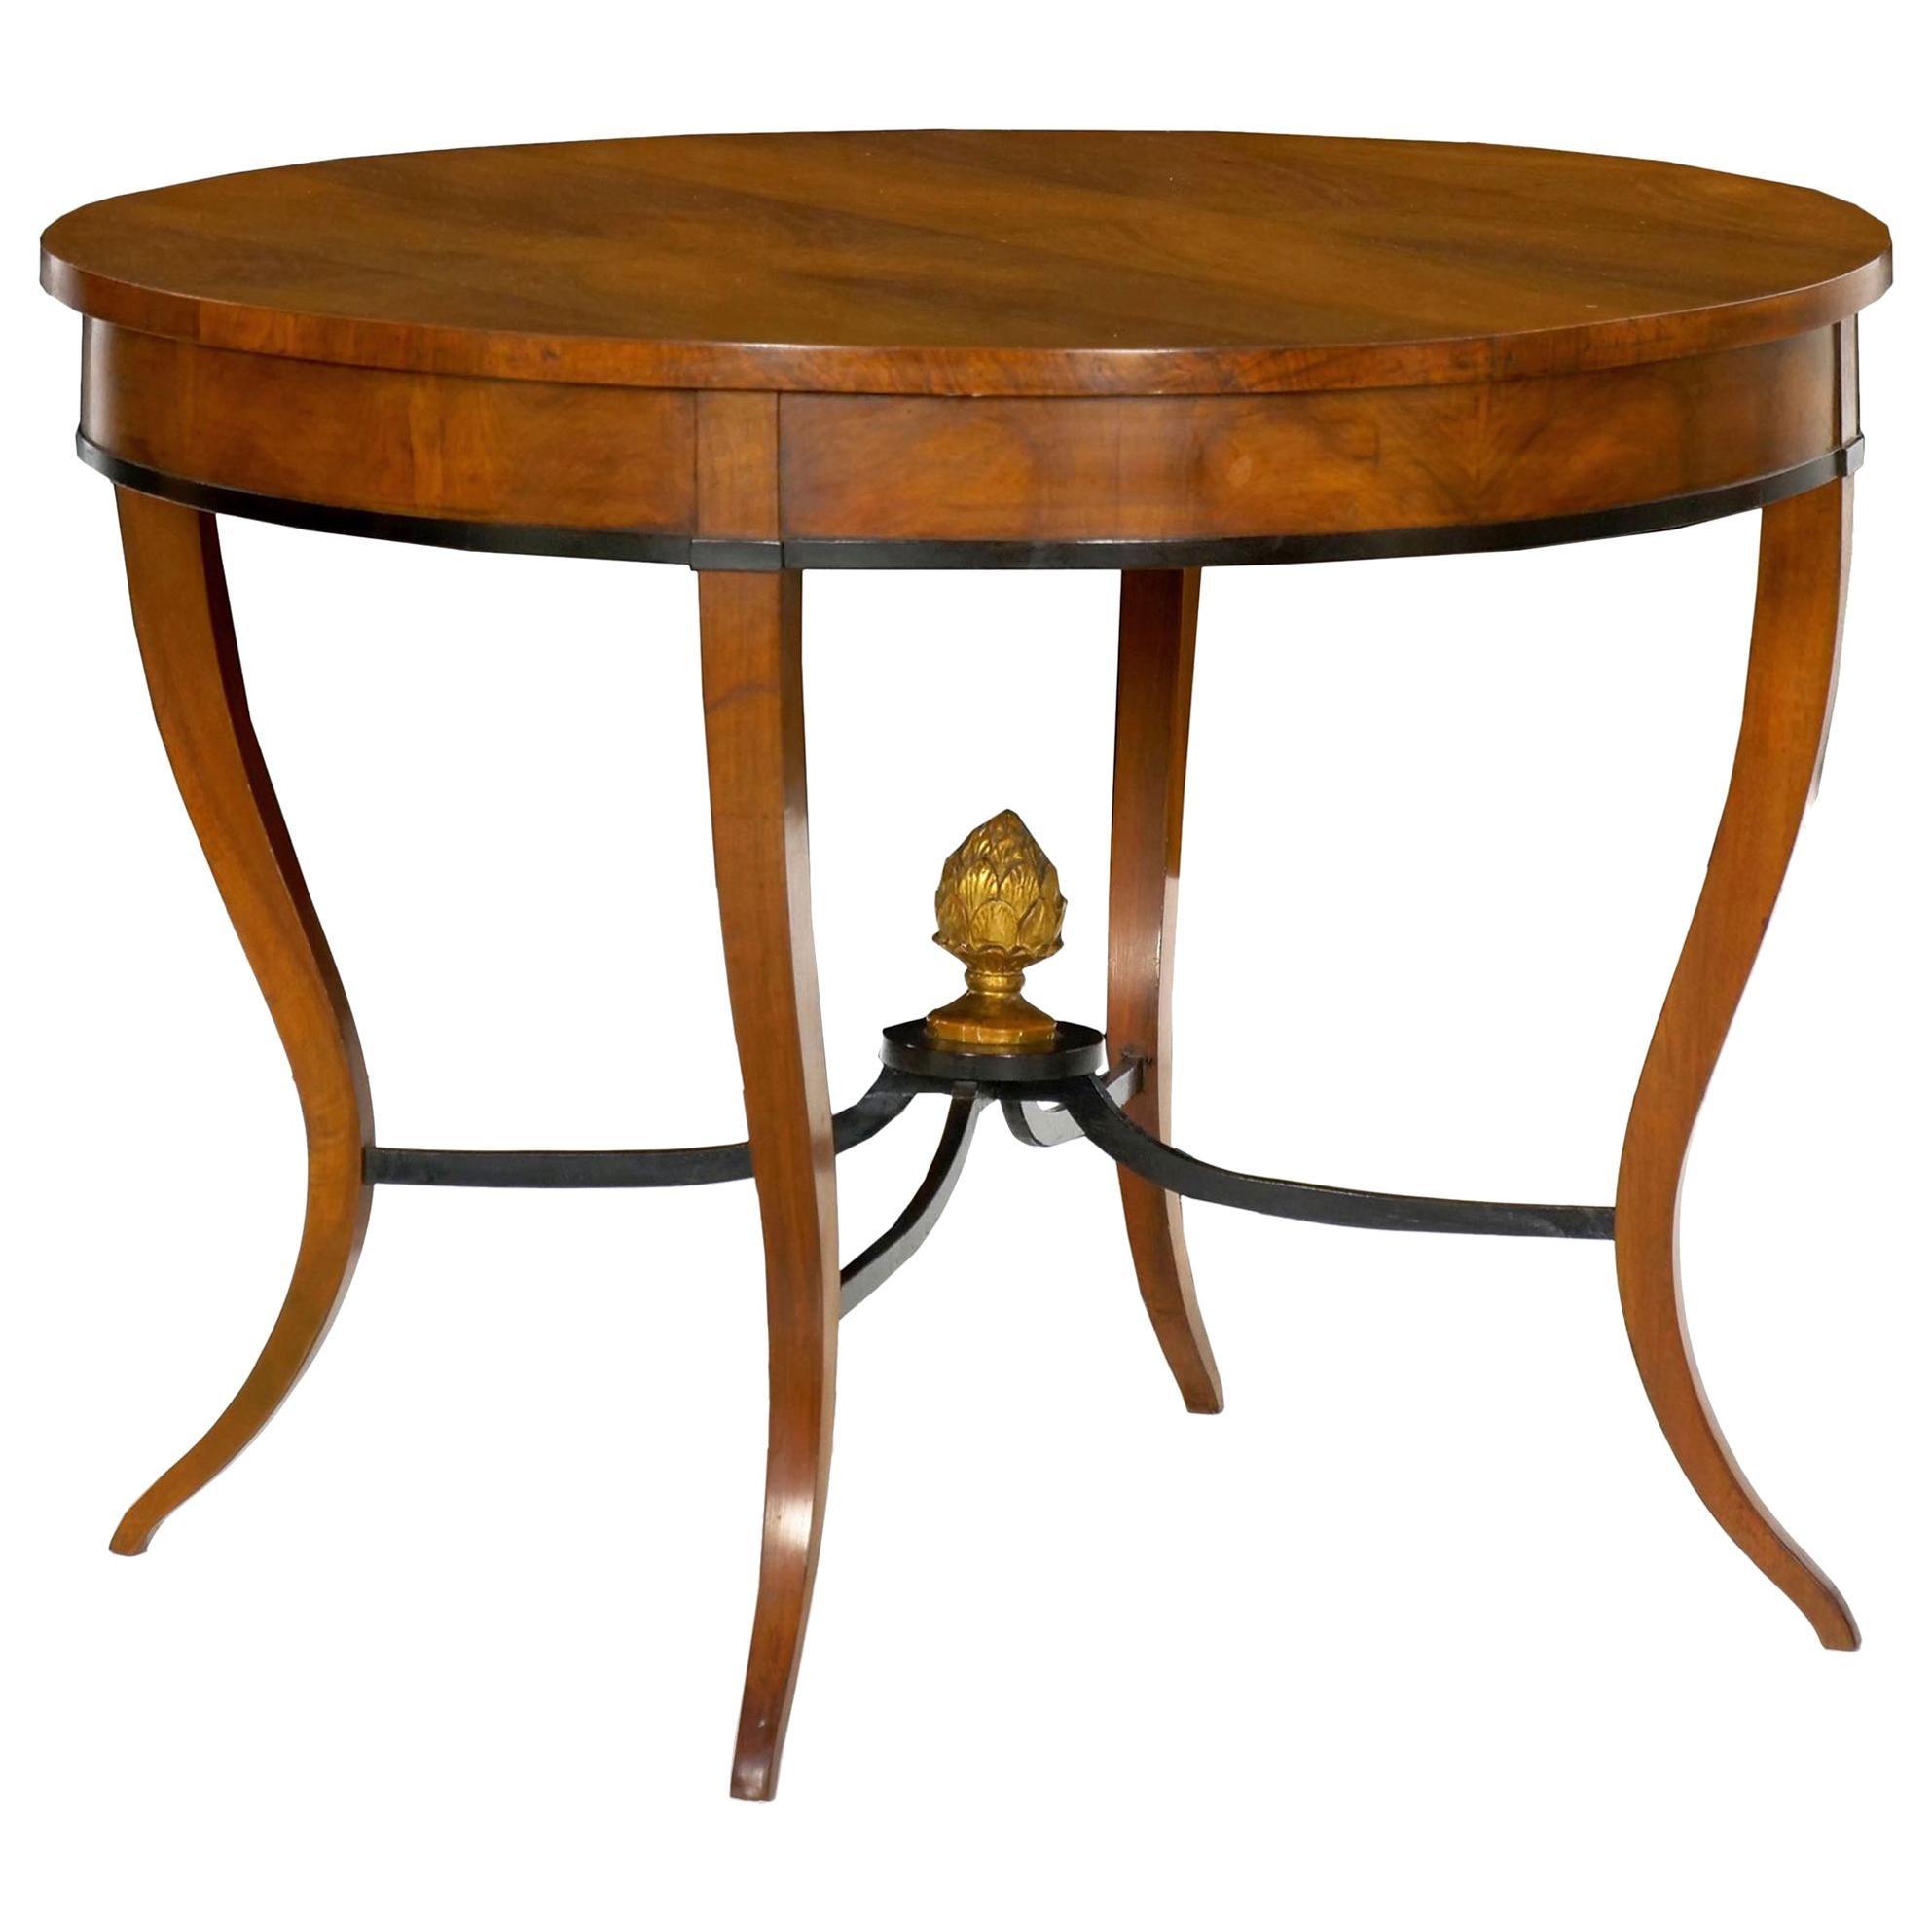 Incroyable Austrian Biedermeier Fruitwood Round Center Hall Table, 19th Century